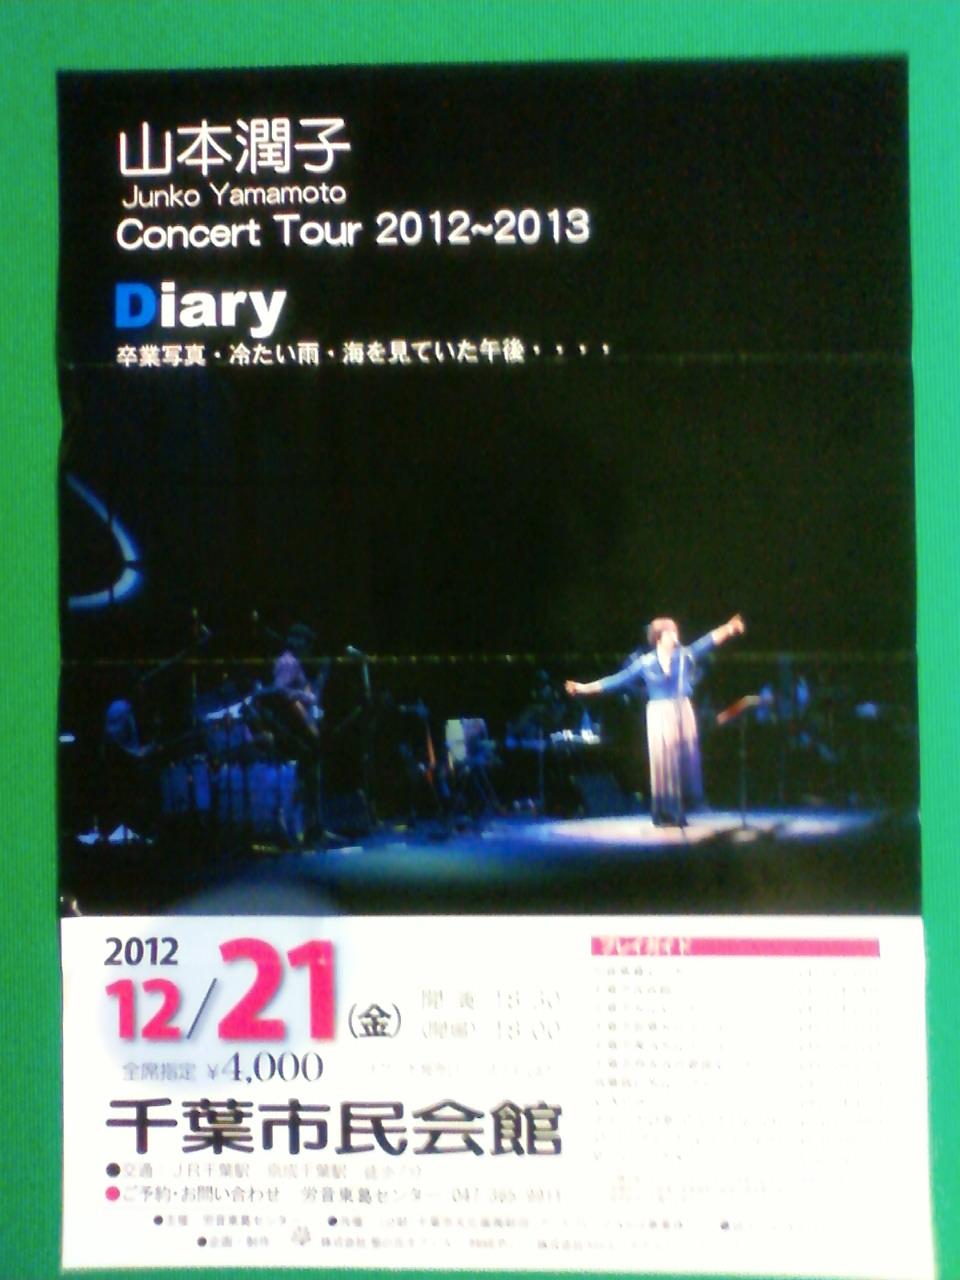 山本潤子コンサート(12/21)